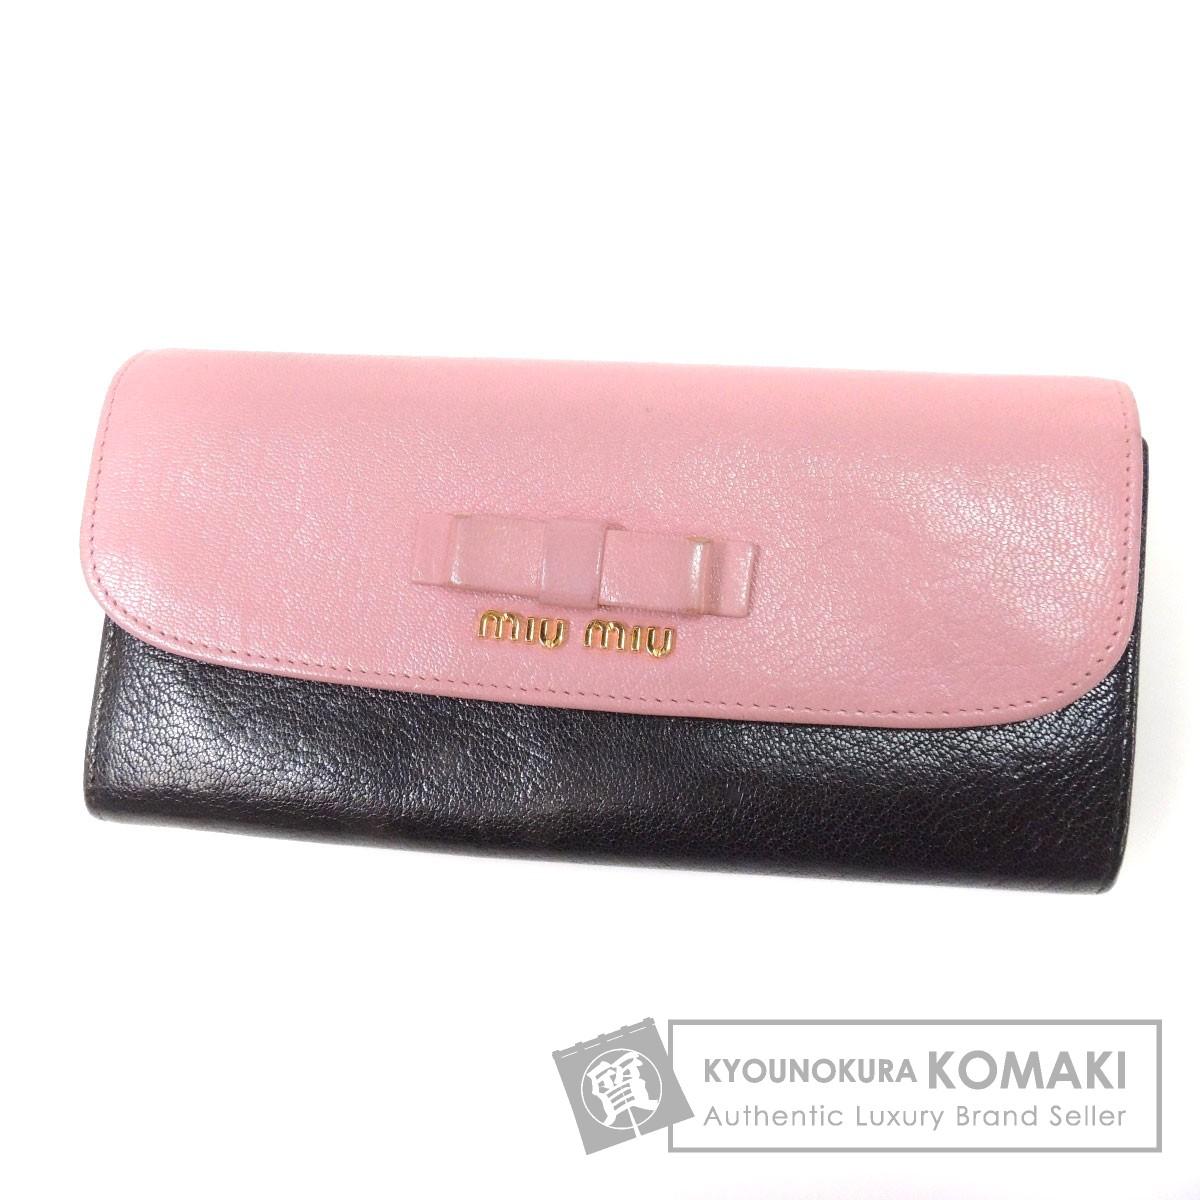 MIUMIU リボンモチーフ 長財布(小銭入れあり) レザー レディース 【中古】【ミュウミュウ】